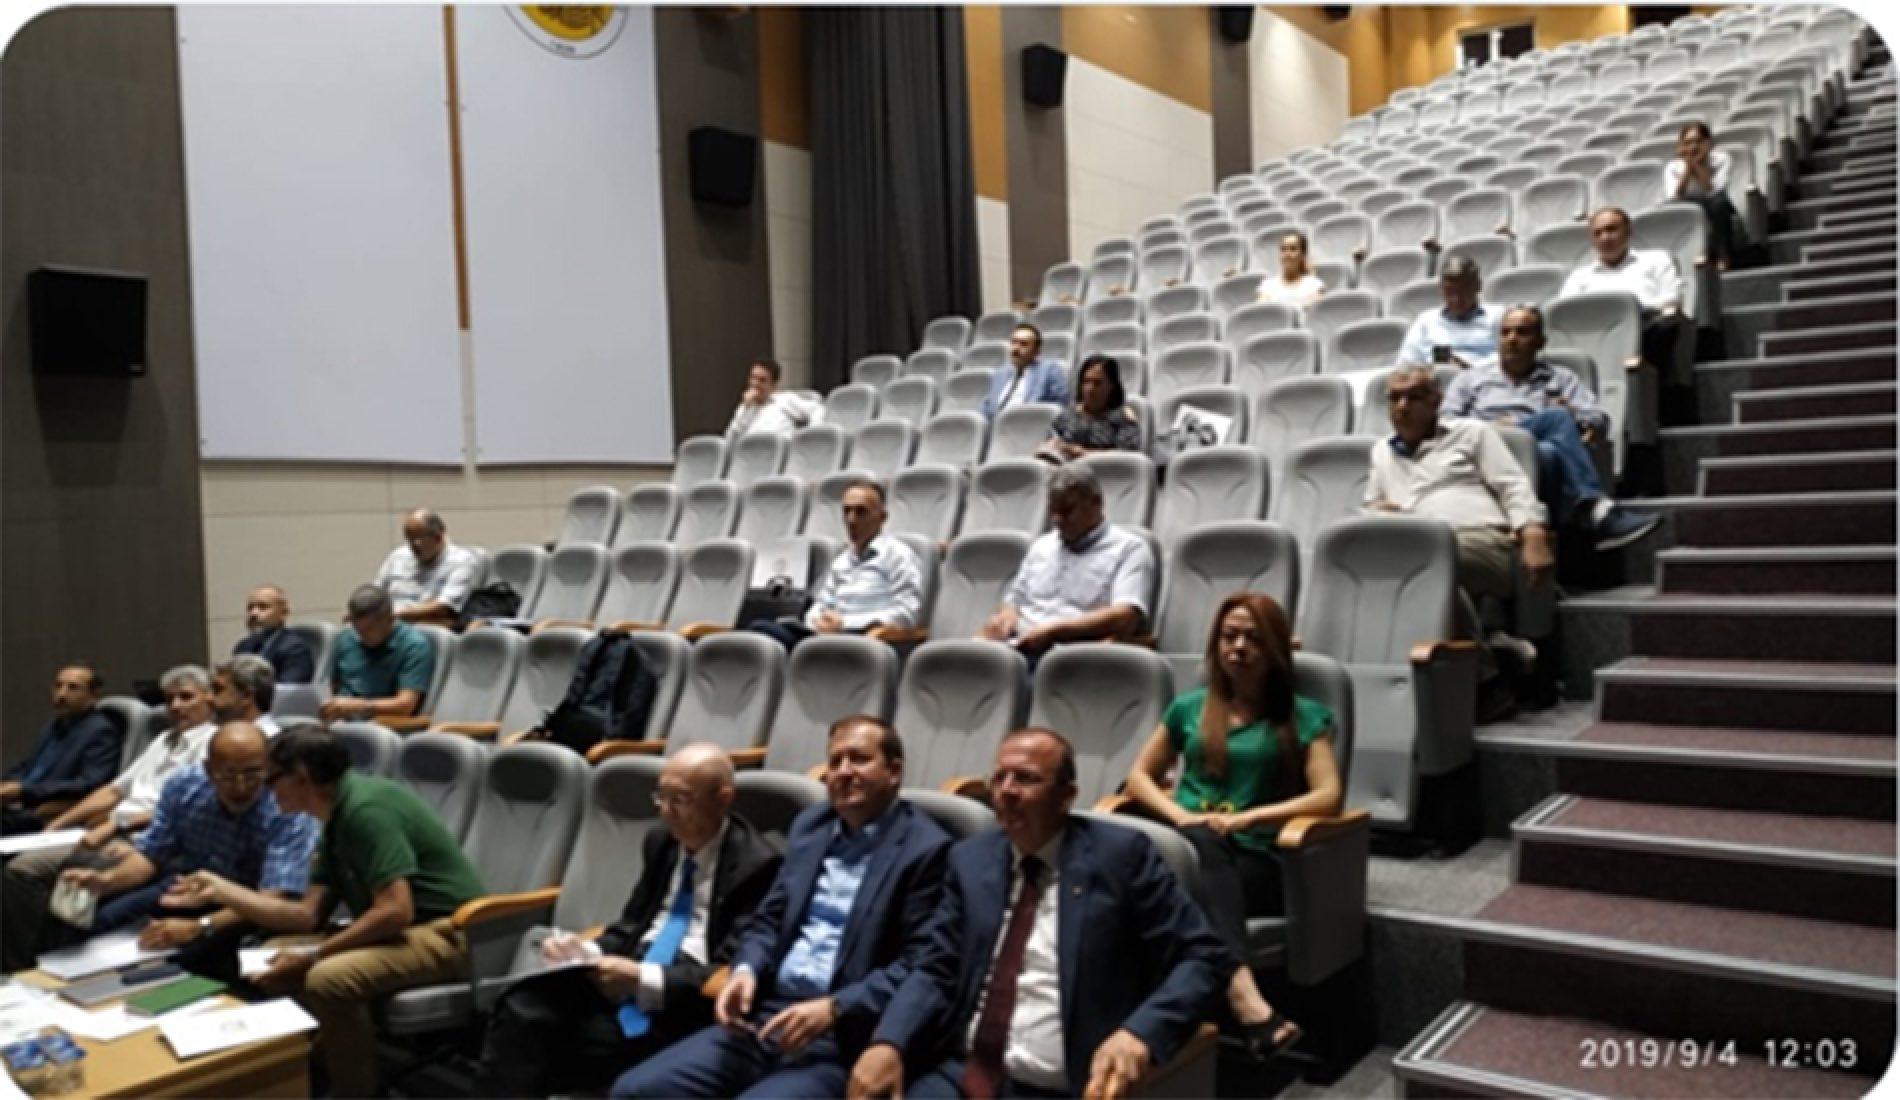 Genel Sekreterimiz R. Kayhan ÜNAL Tarım Şurası çalışmalarına katıldı…